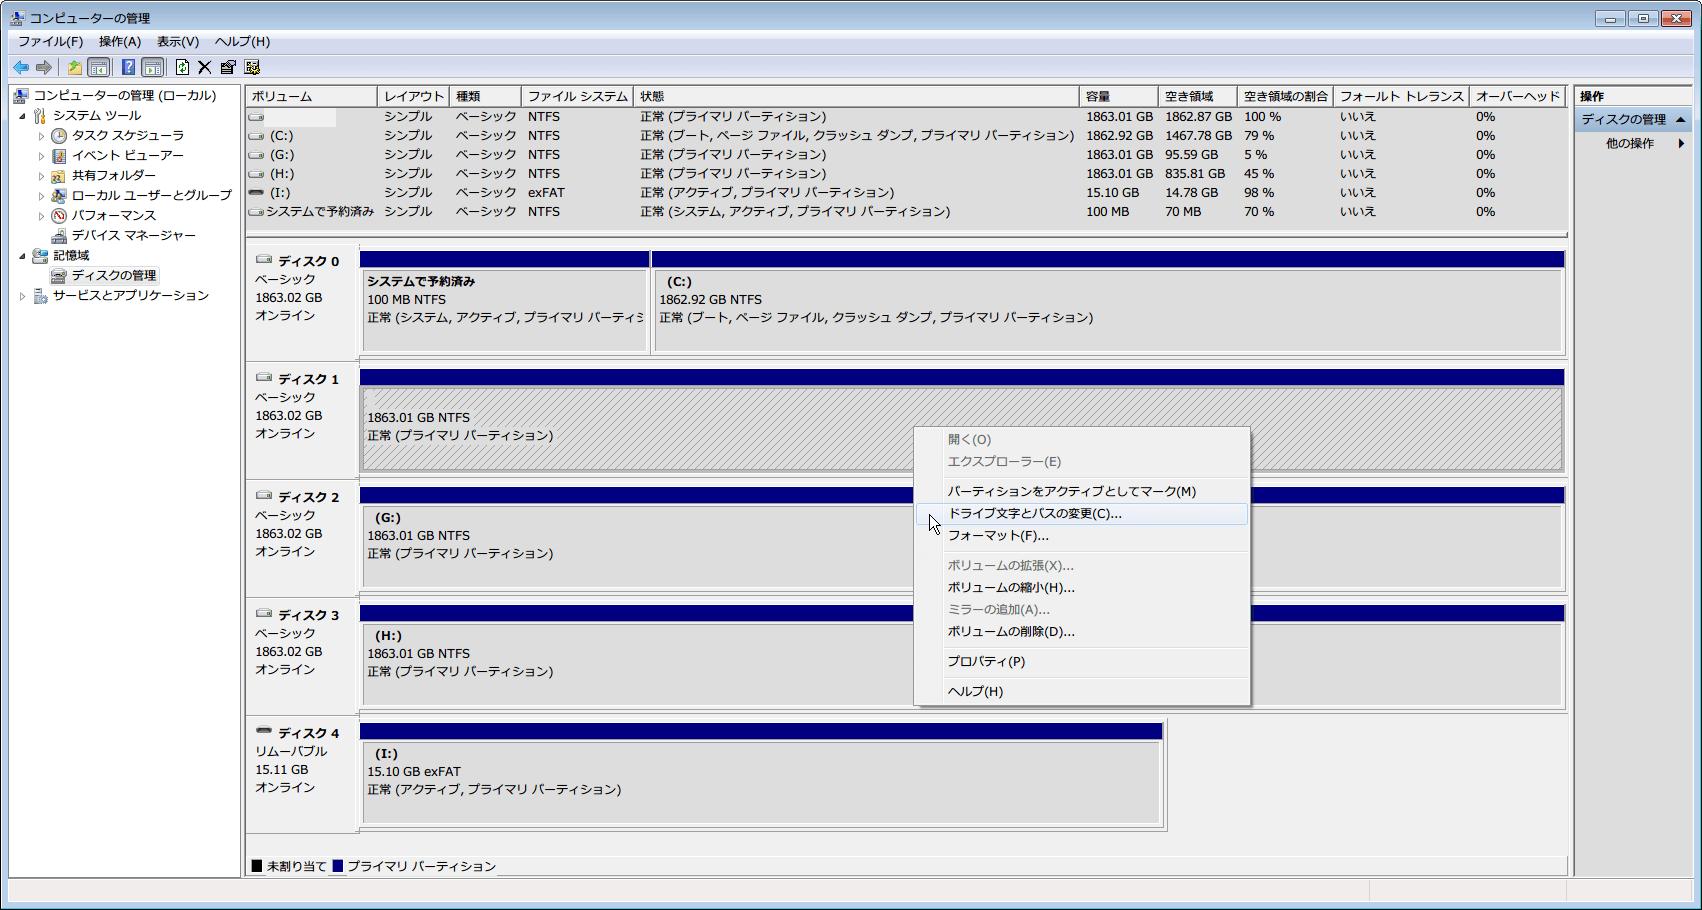 Seagate 2TB ハードディスク ST2000DM001/EWN フォーマットの途中 IE キャッシュフォルダの場所を変更した際、Windows からログオフをしてしまったためか、ドライブレターが割り当てられない現象が発生、ドライブレター割り当てのため、右クリックからドライブ文字とパスの変更をクリック